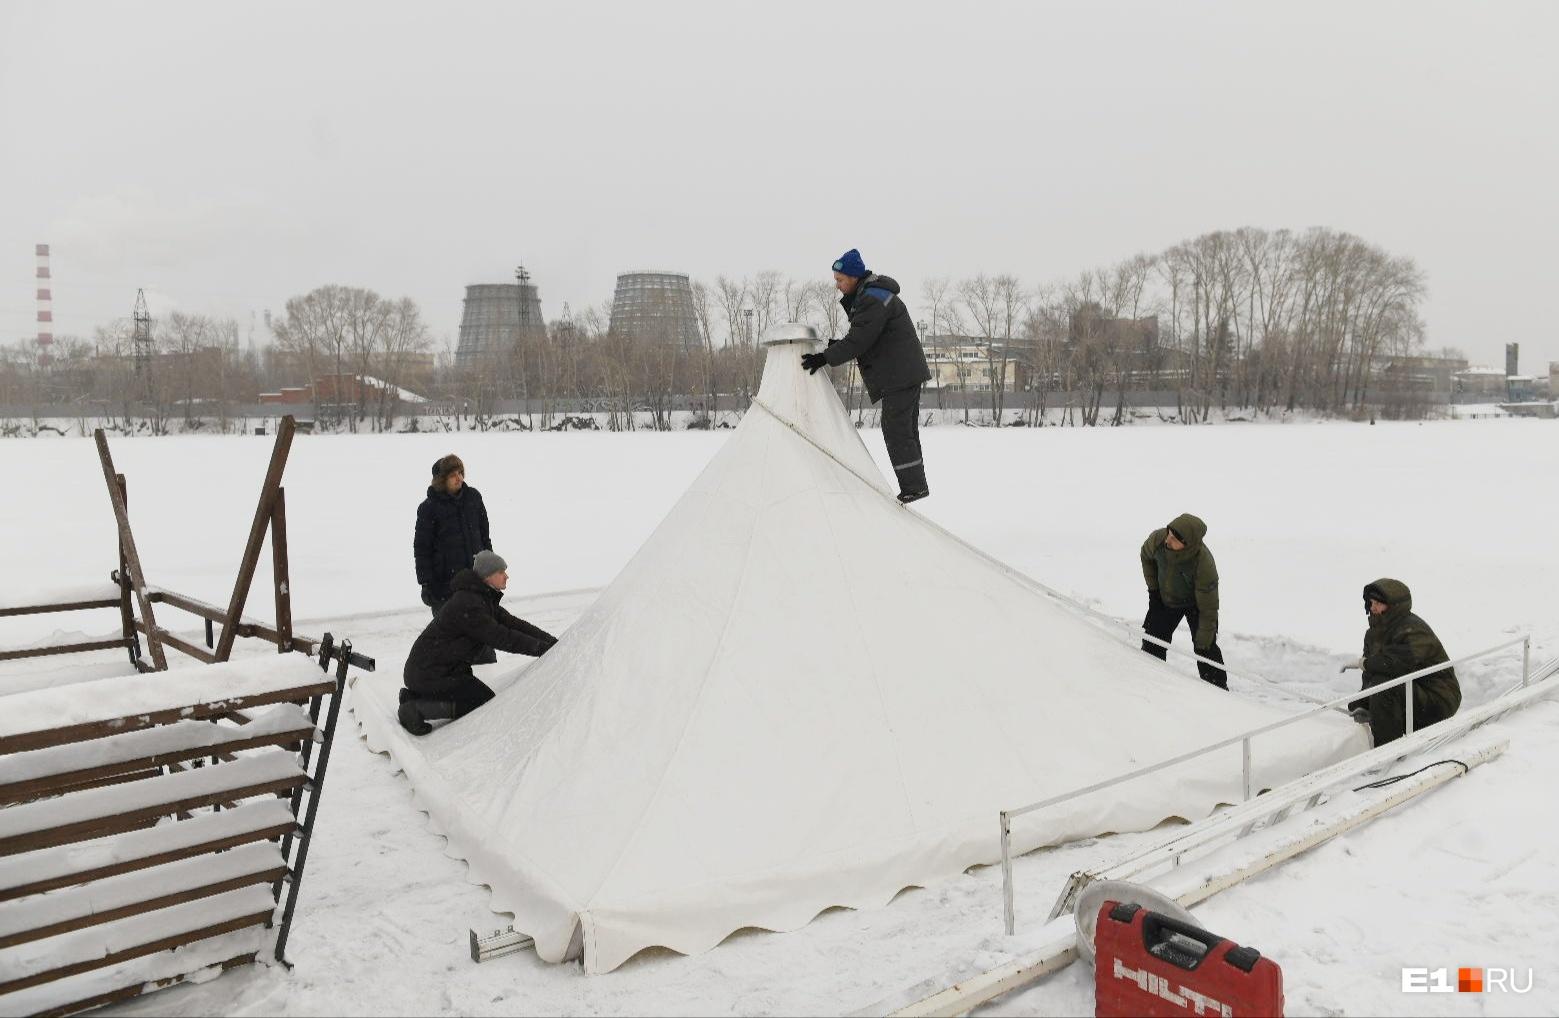 У прорубей обустроили теплые палатки